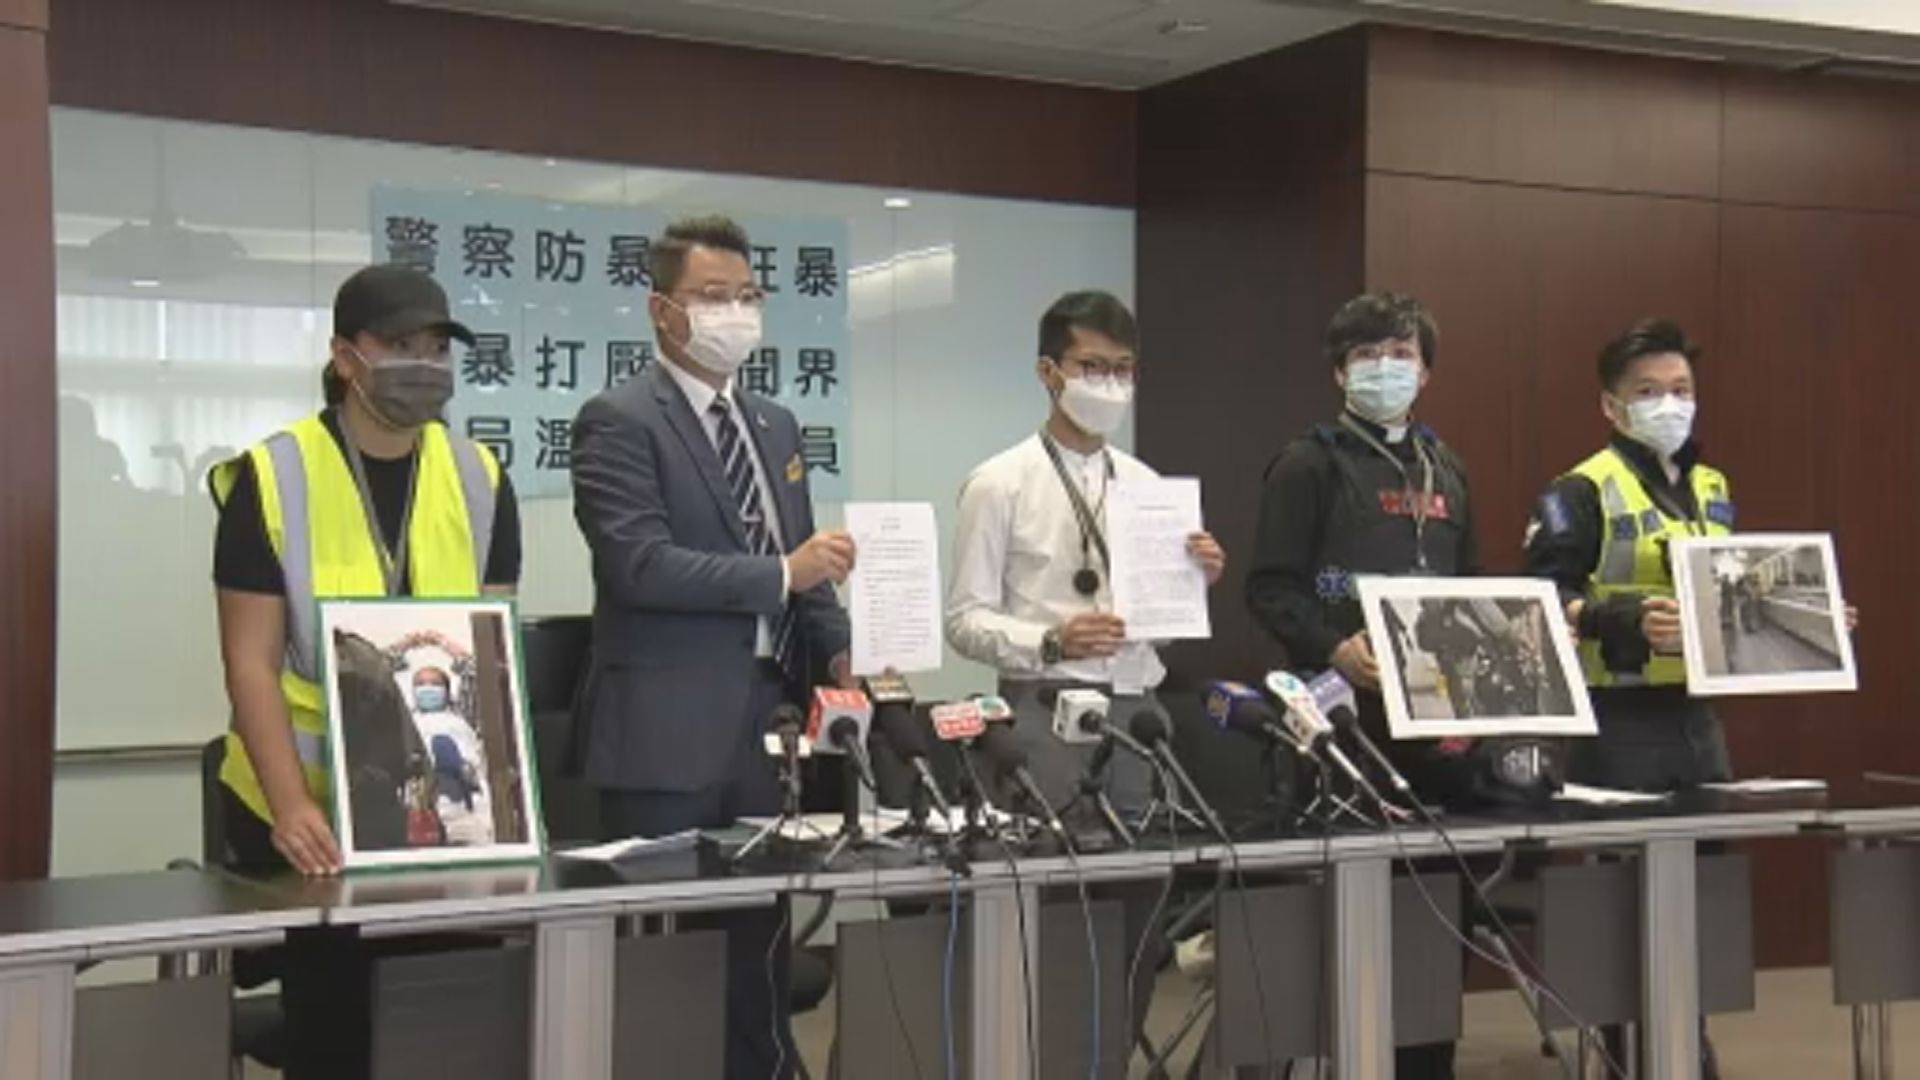 有被捕記者稱遭警方武力對待致一度失去意識